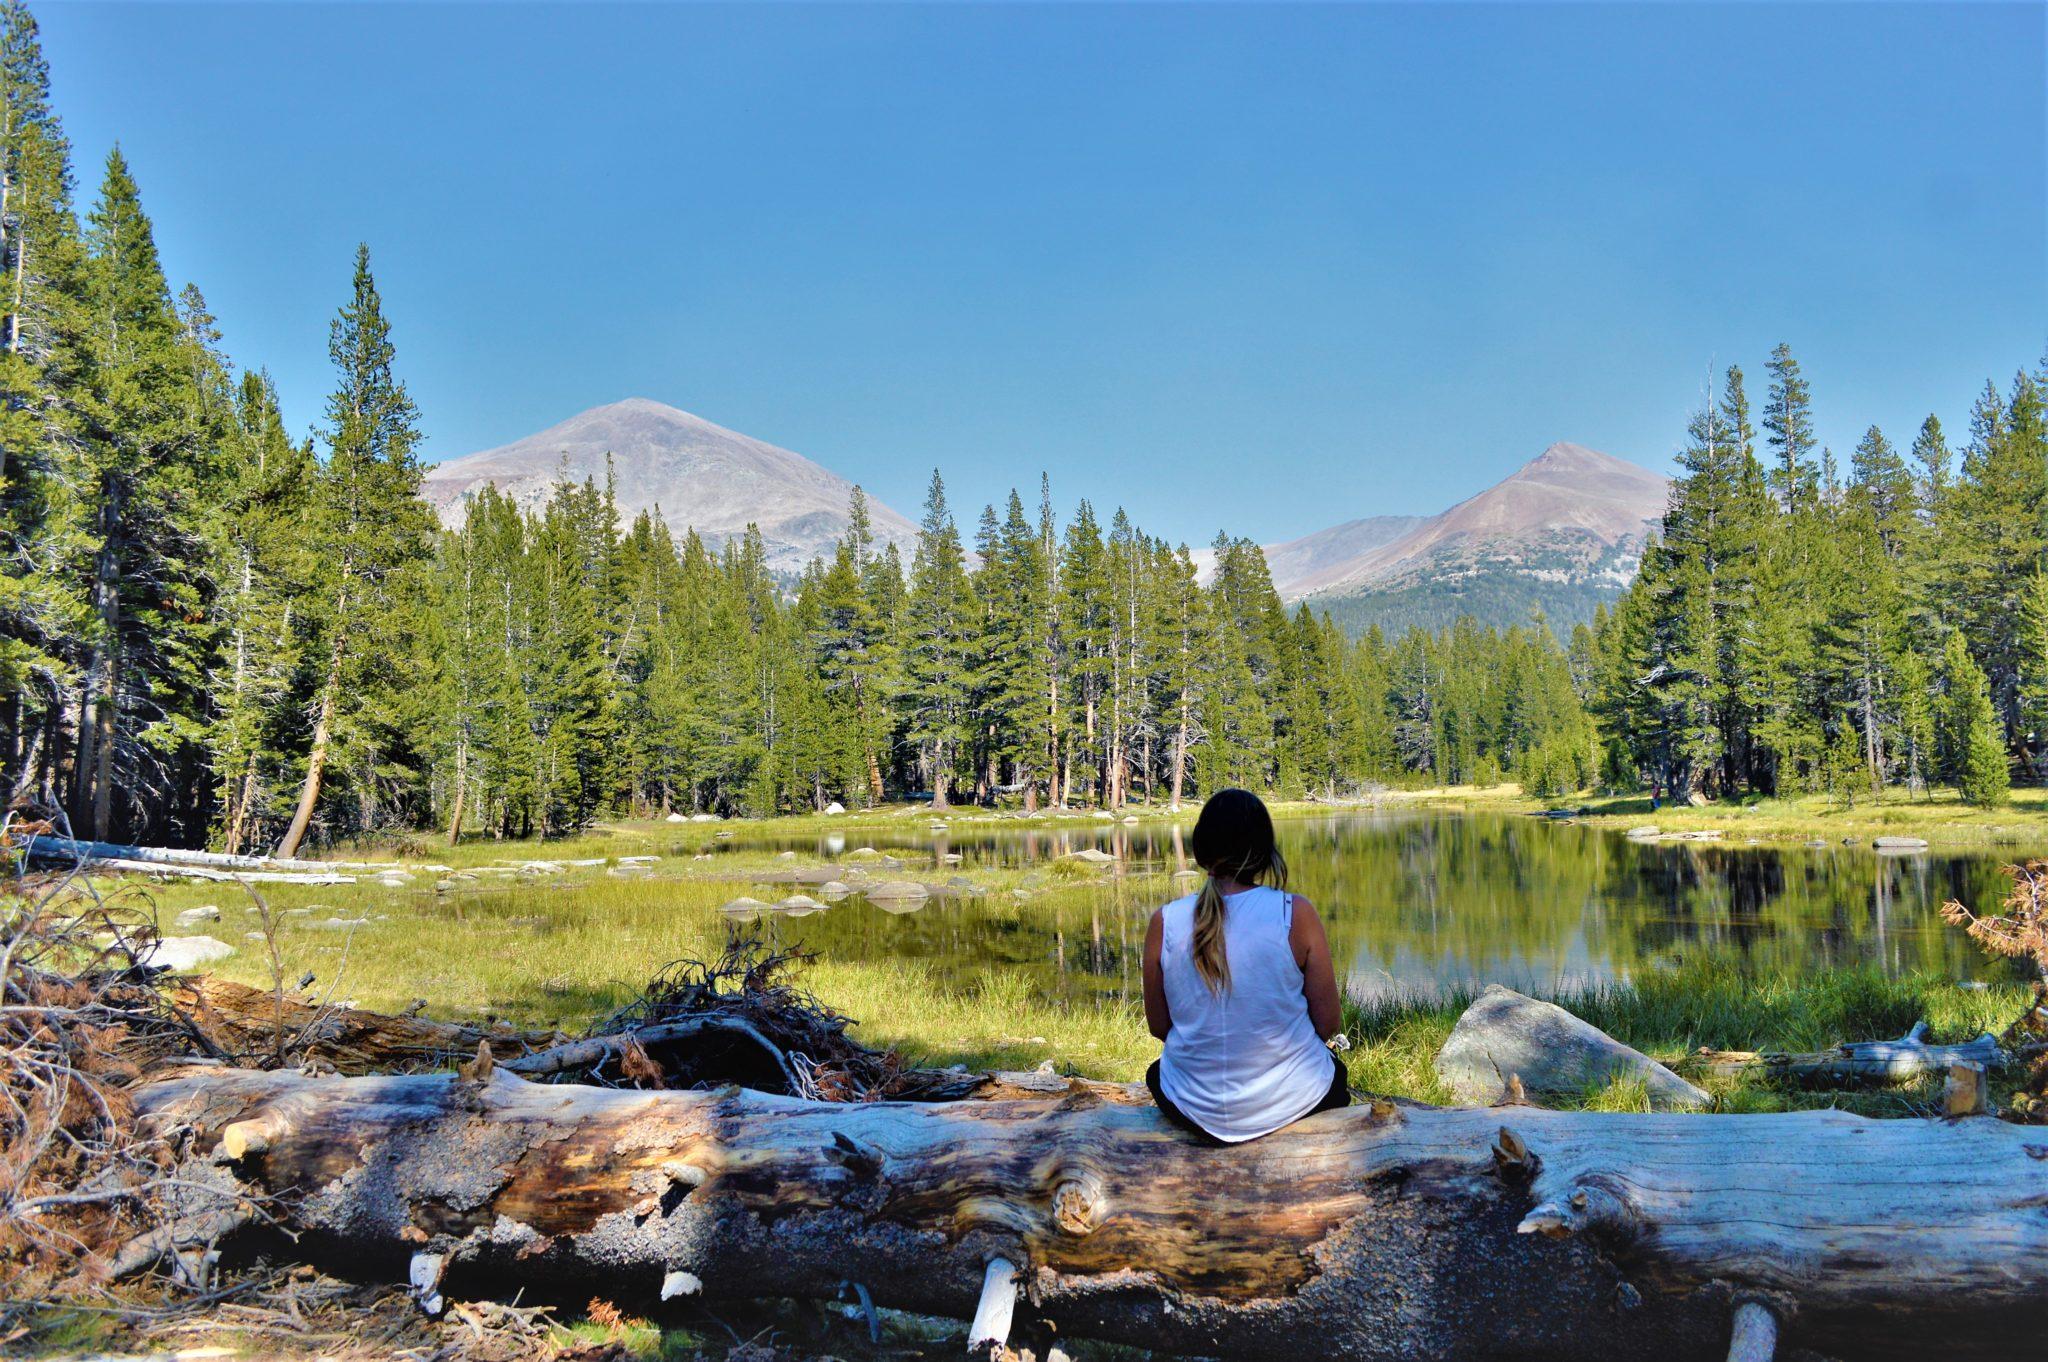 Sitting at lake, Yosemite National Park, California, things to do at yosemite